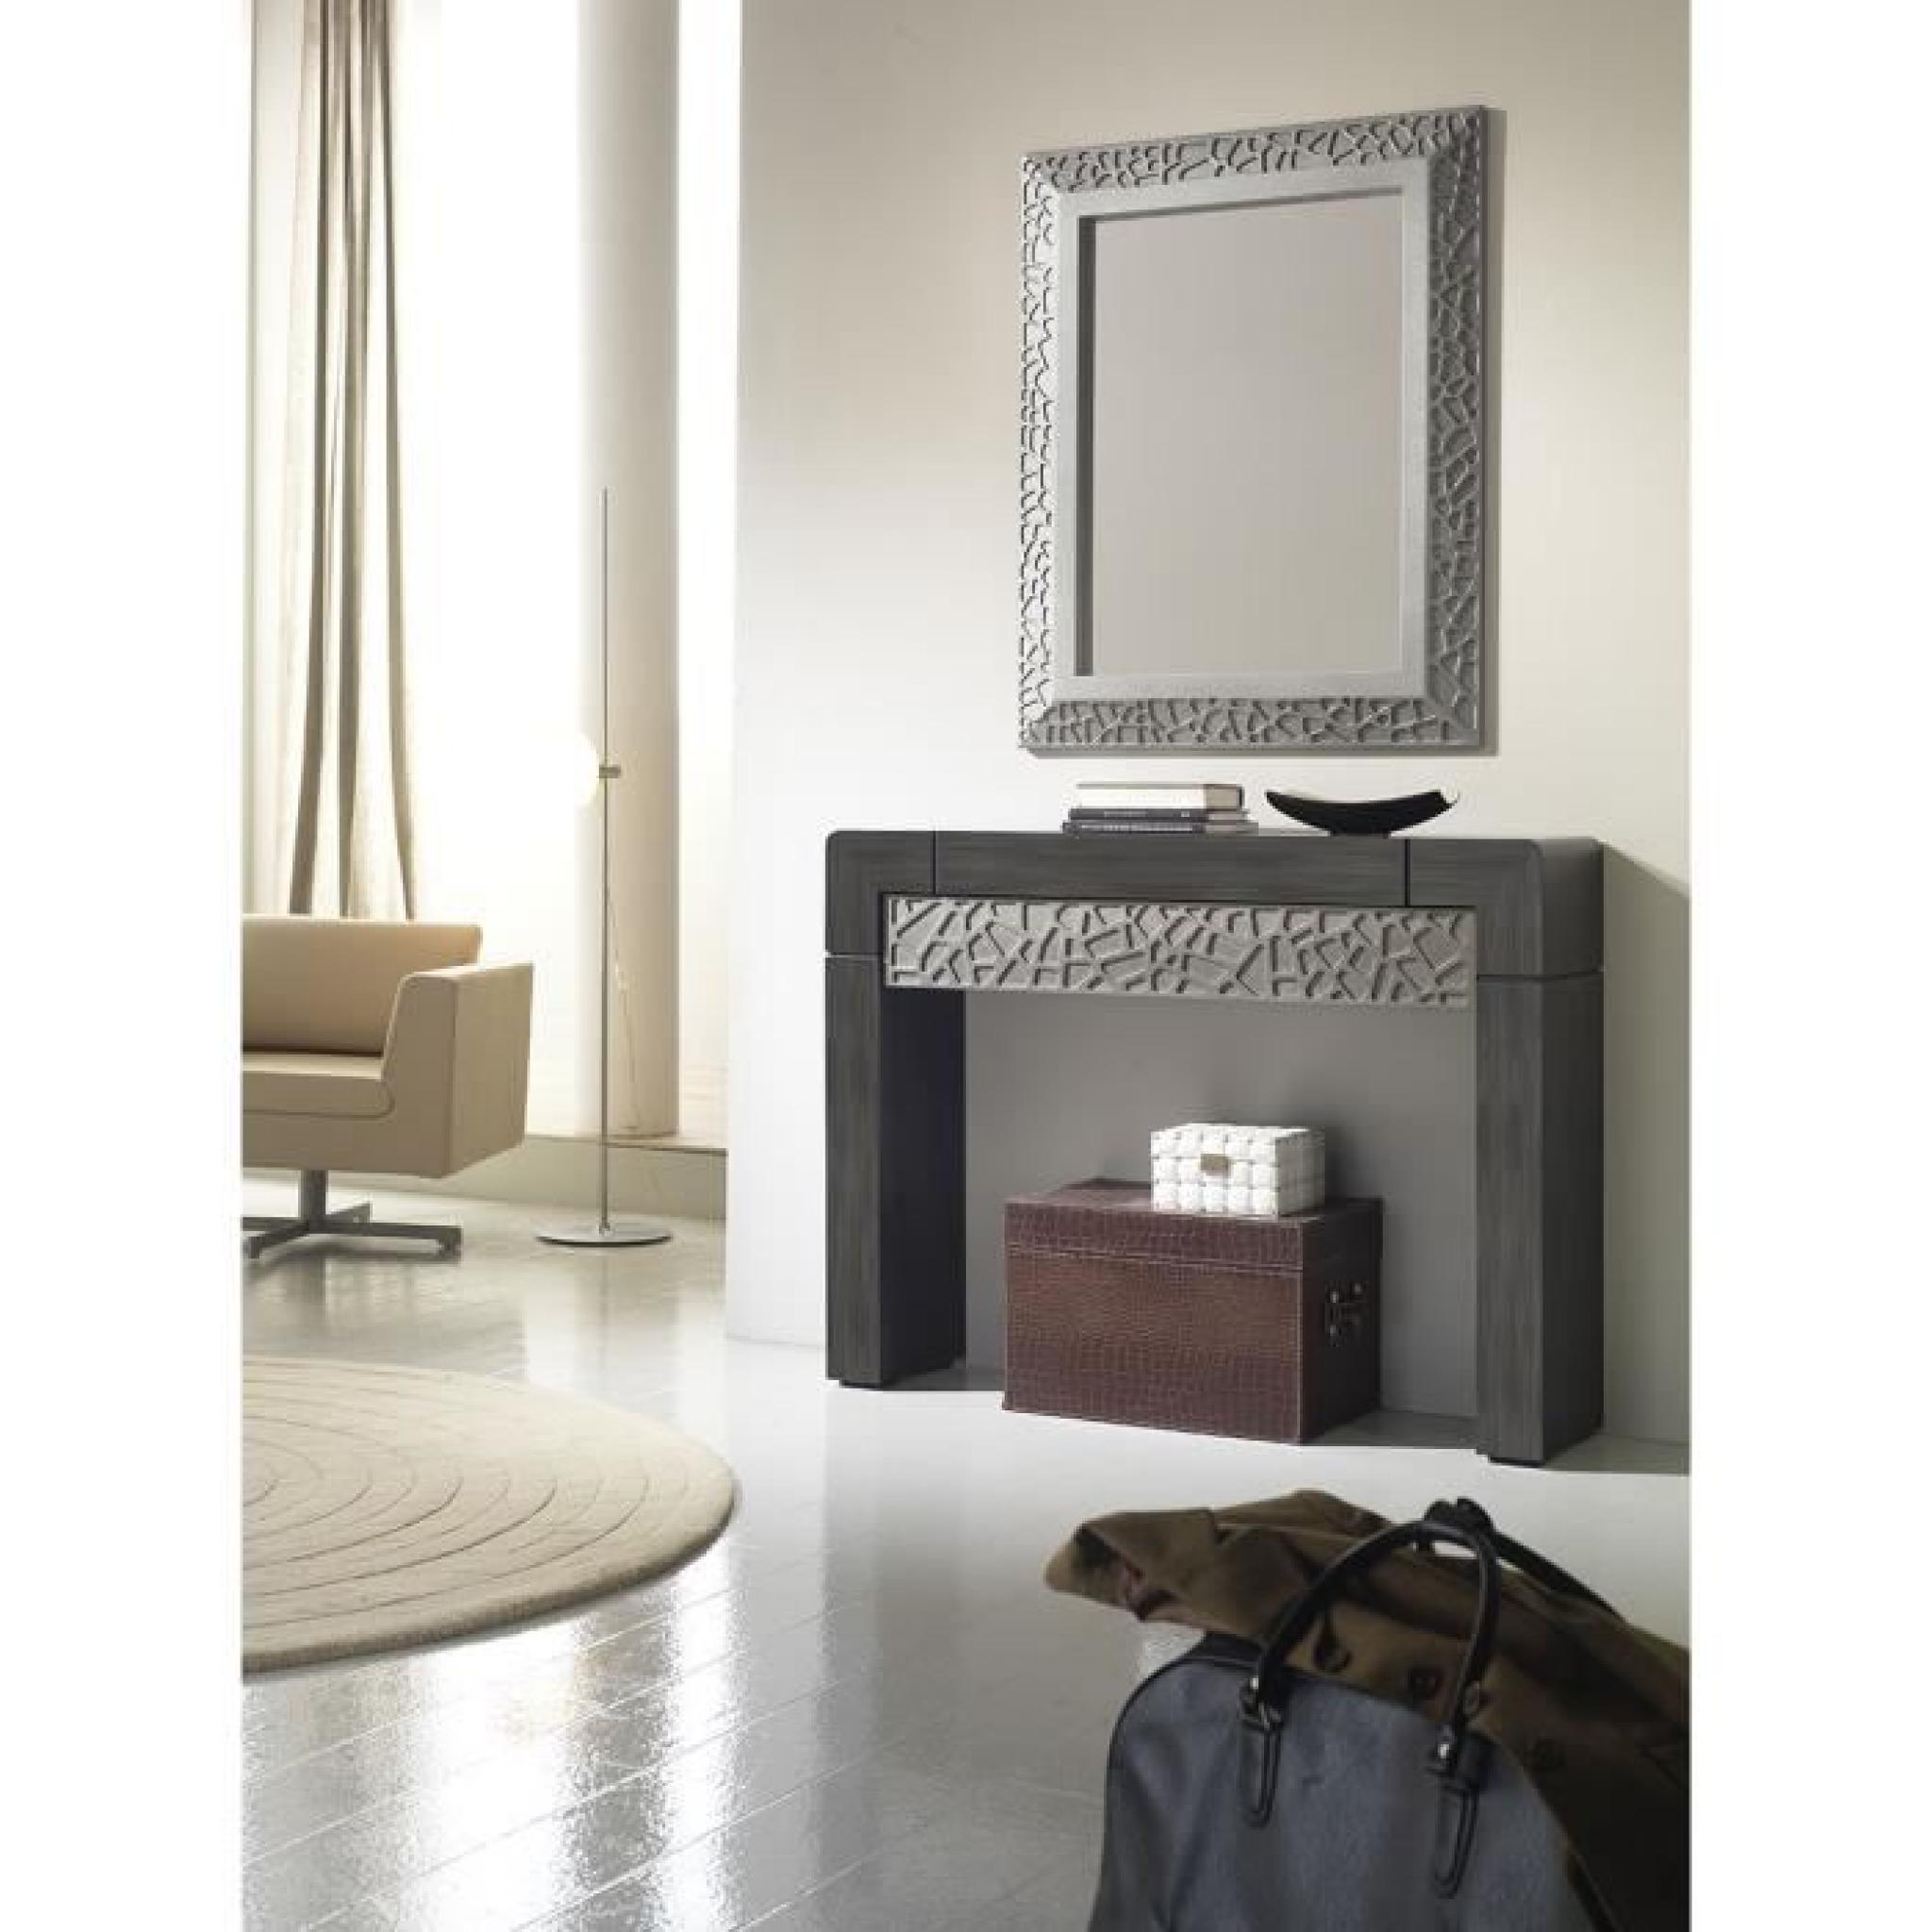 Console murale patiné gris plomb et reliefs 1 tiroir contemporaine FILIA  Cuivre Miroir patiné gris plomb - Couleur : Cuivre